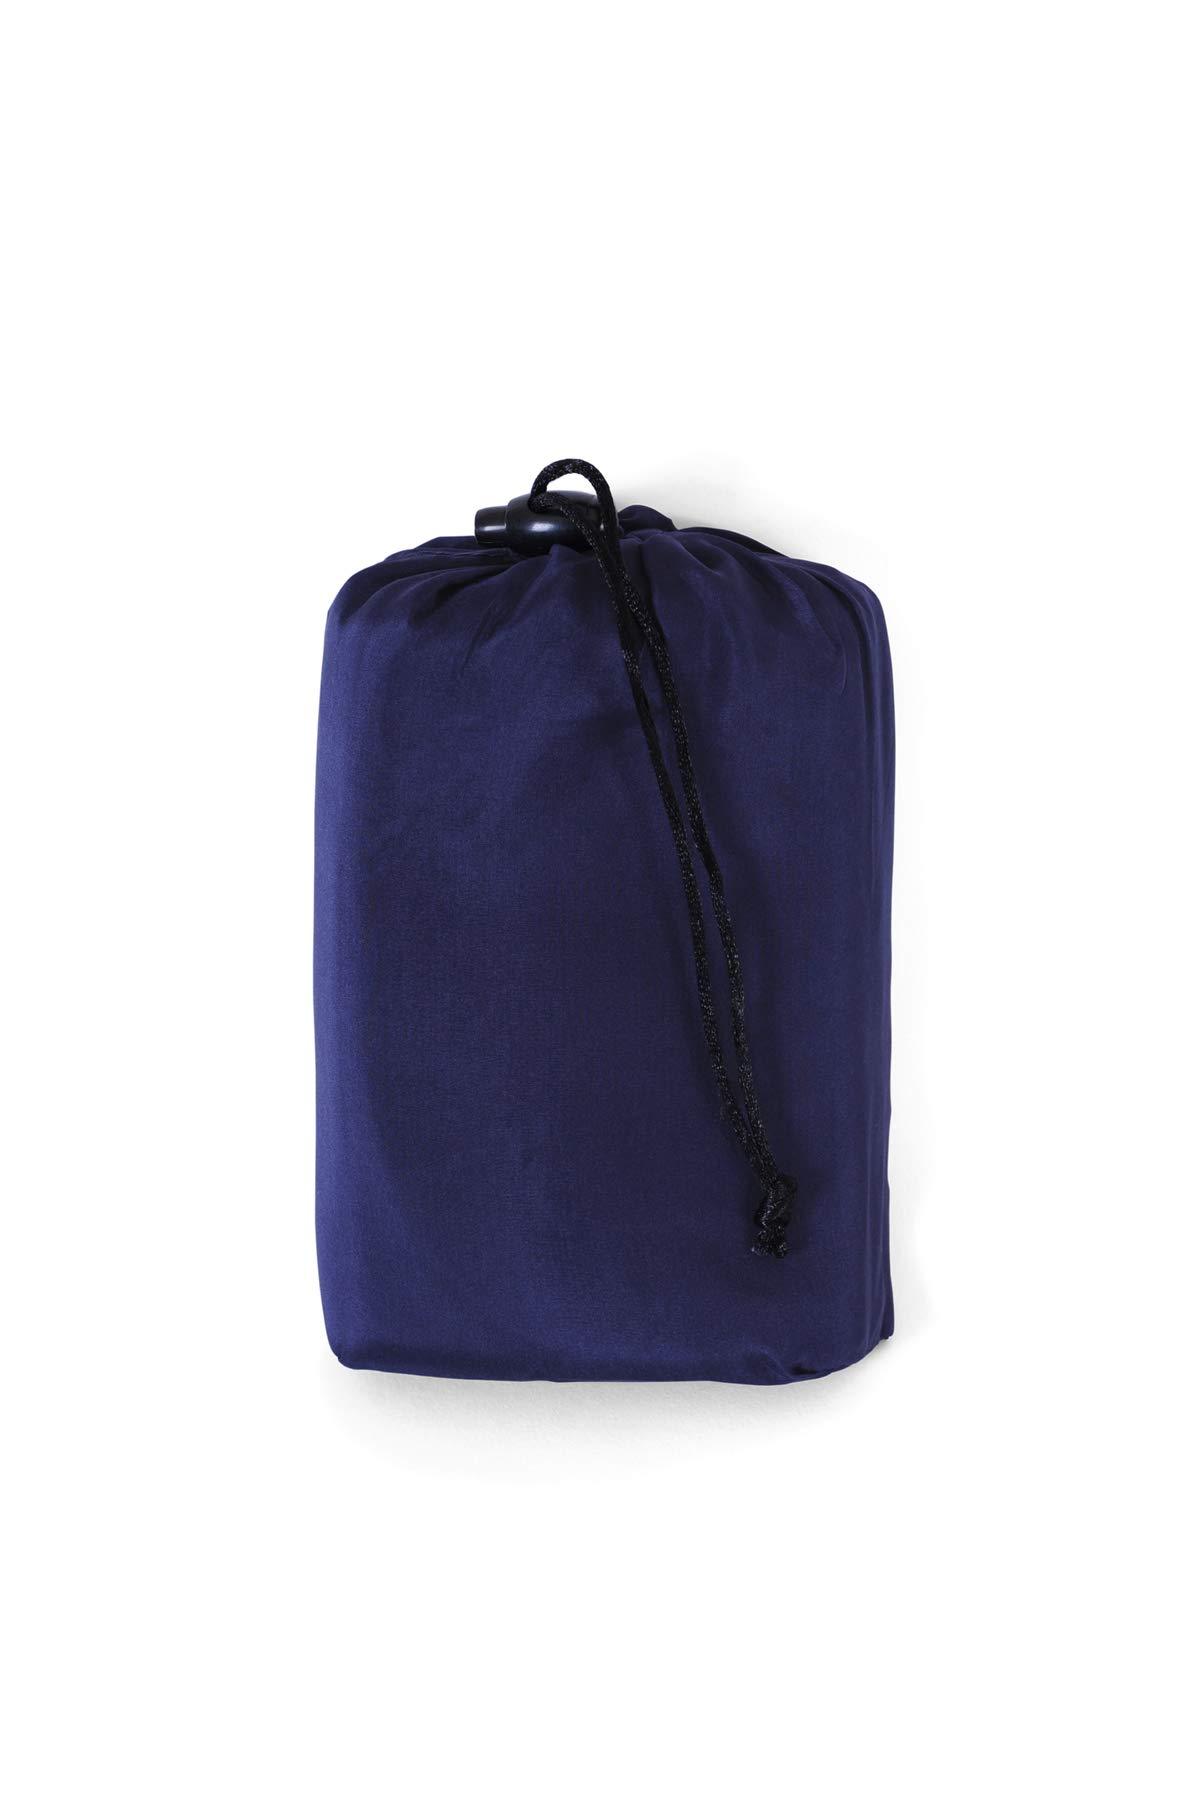 Original Opening DreamSack Silk Sleeping Bag Liner by DreamSacks